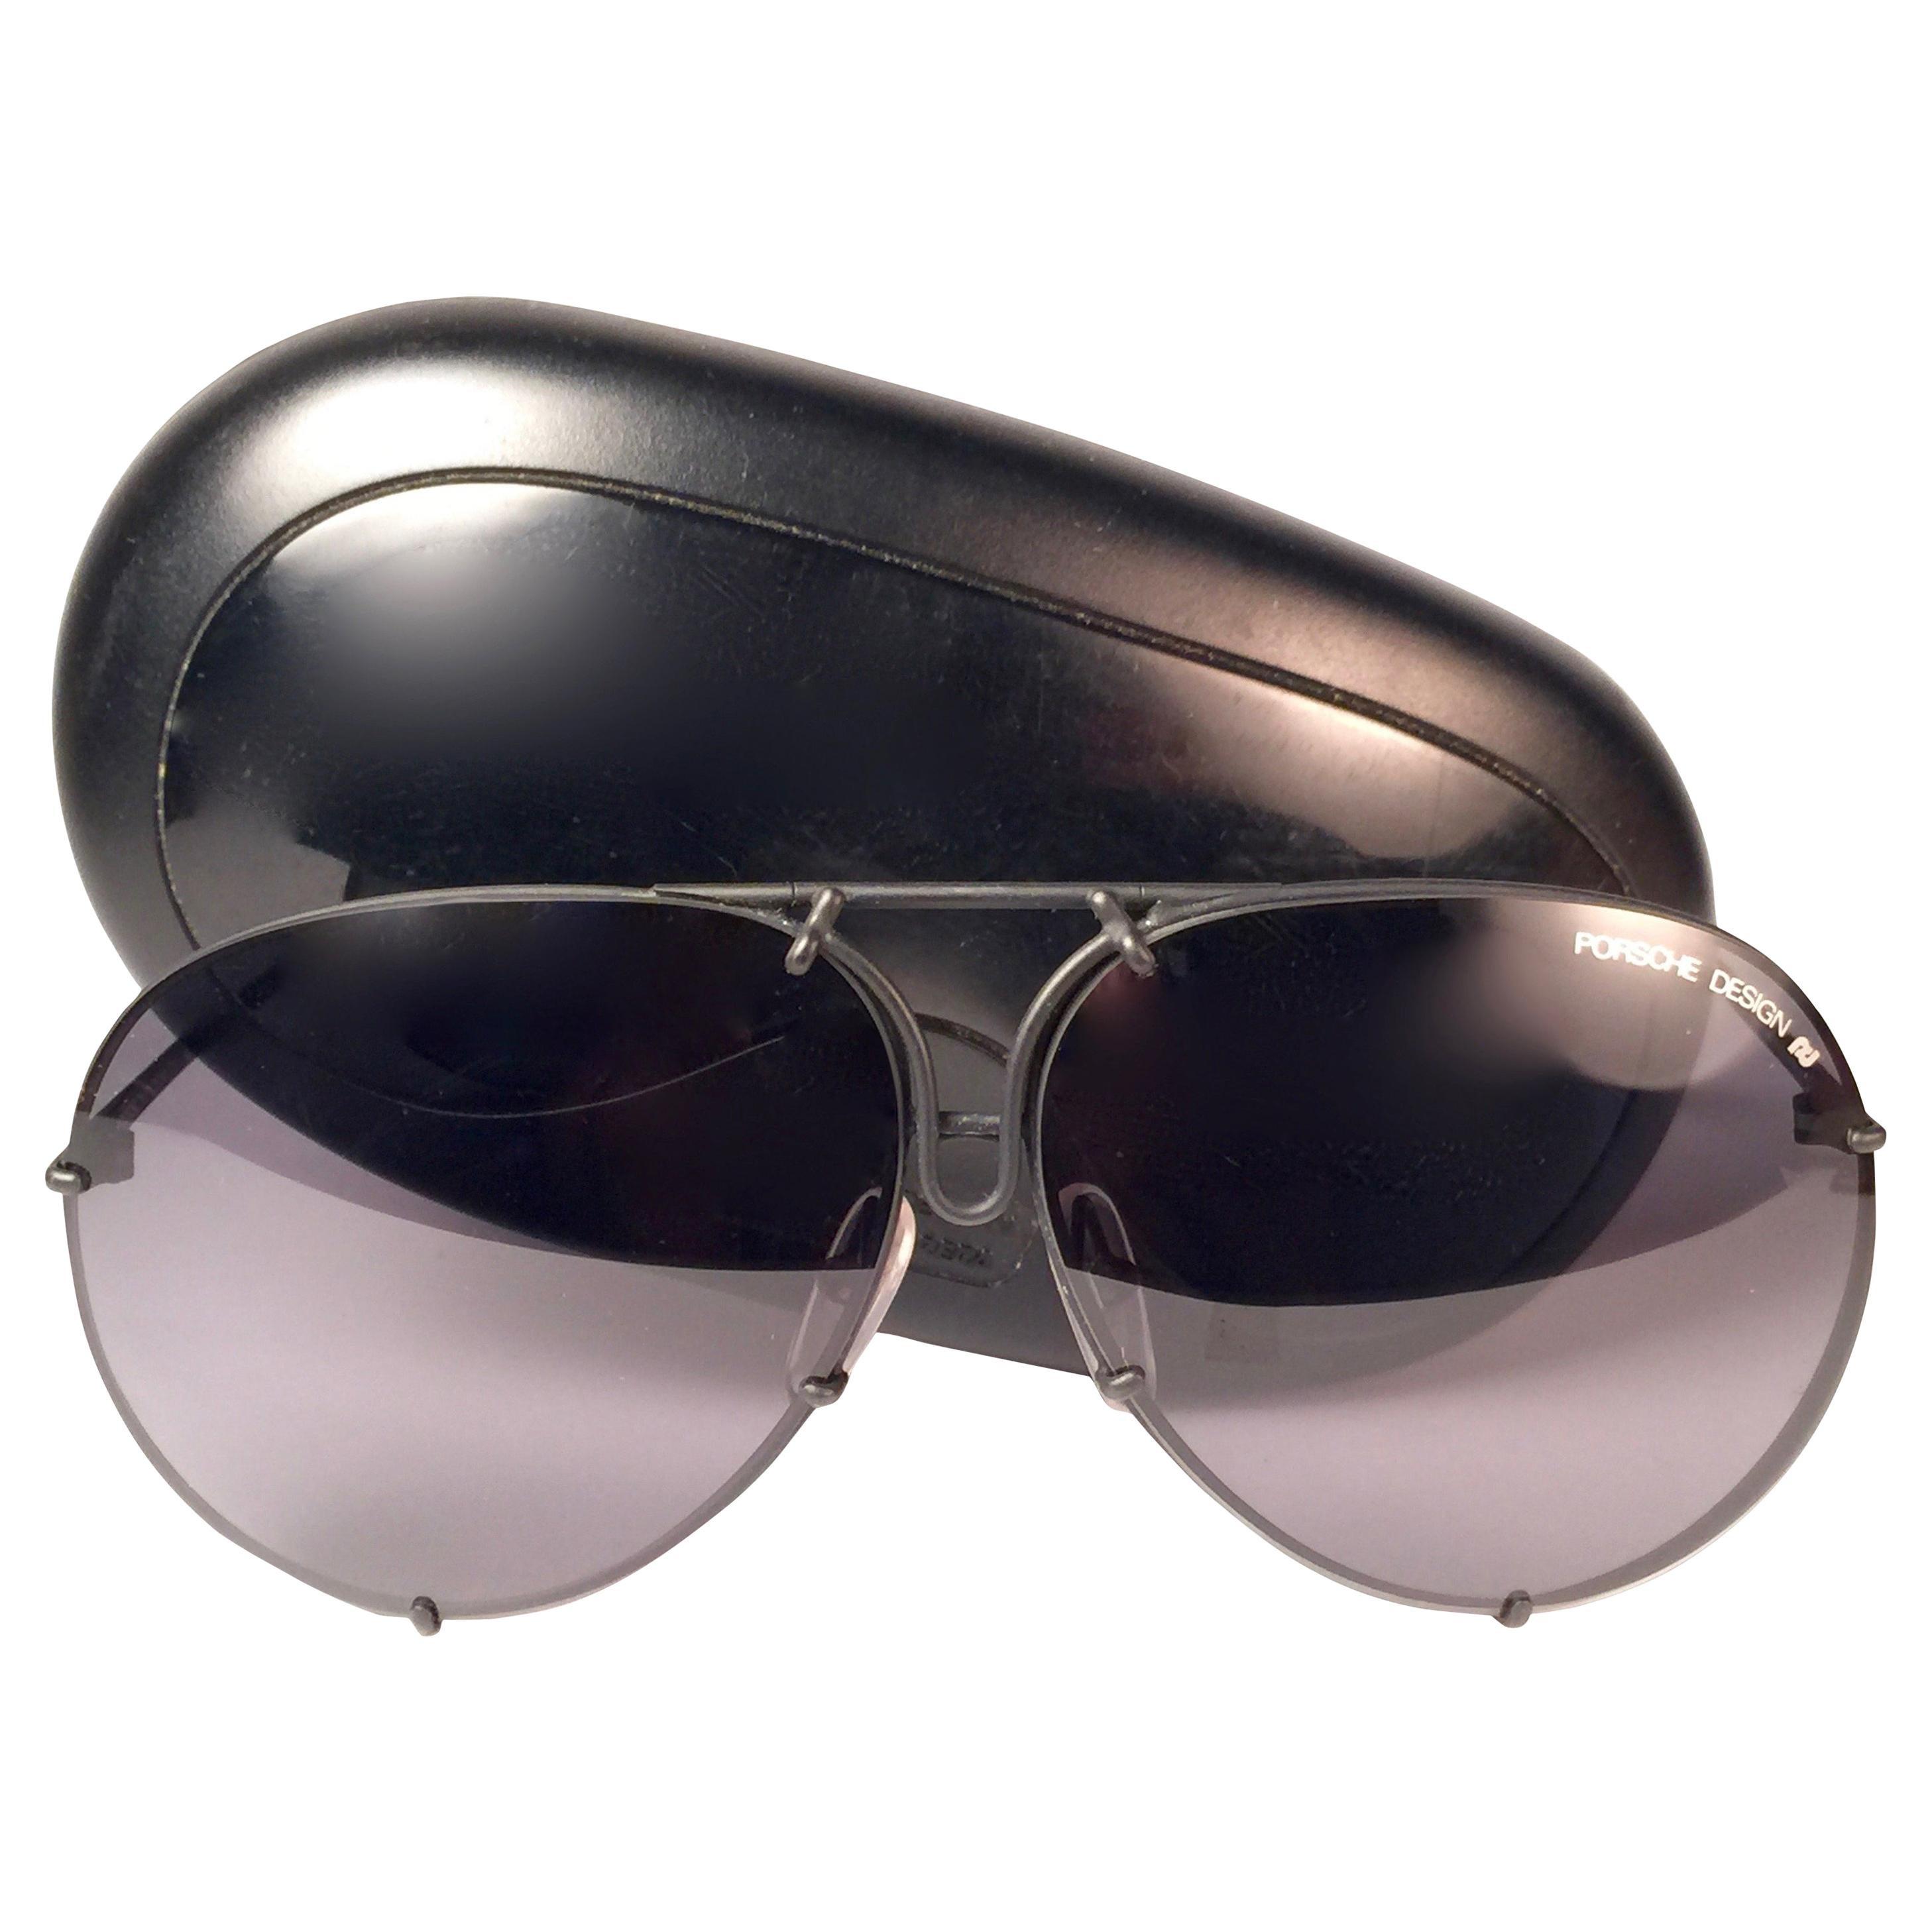 New Vintage Porsche Design By Carrera 5623 Black Matte Large Sunglasses Austria